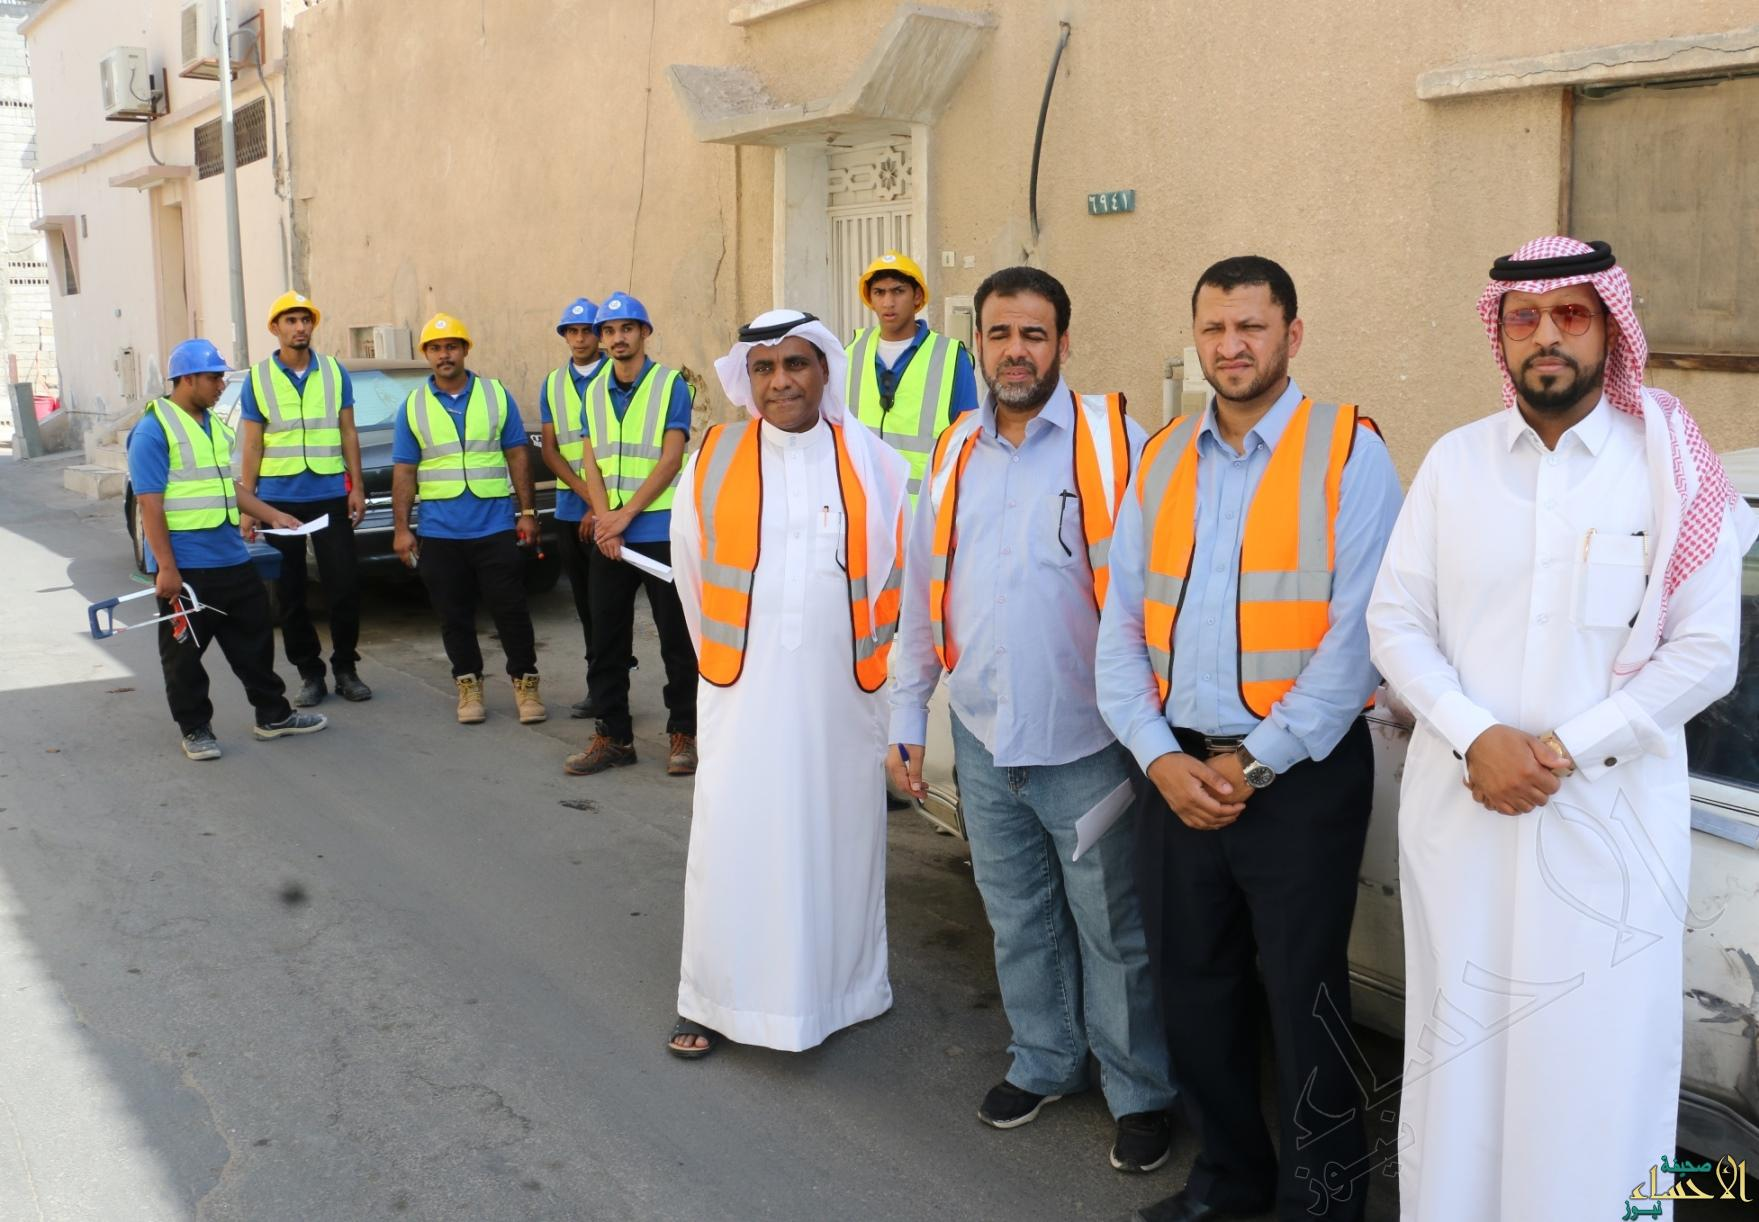 فريق الصيانة التطوعية مع مندوب جمعية البر